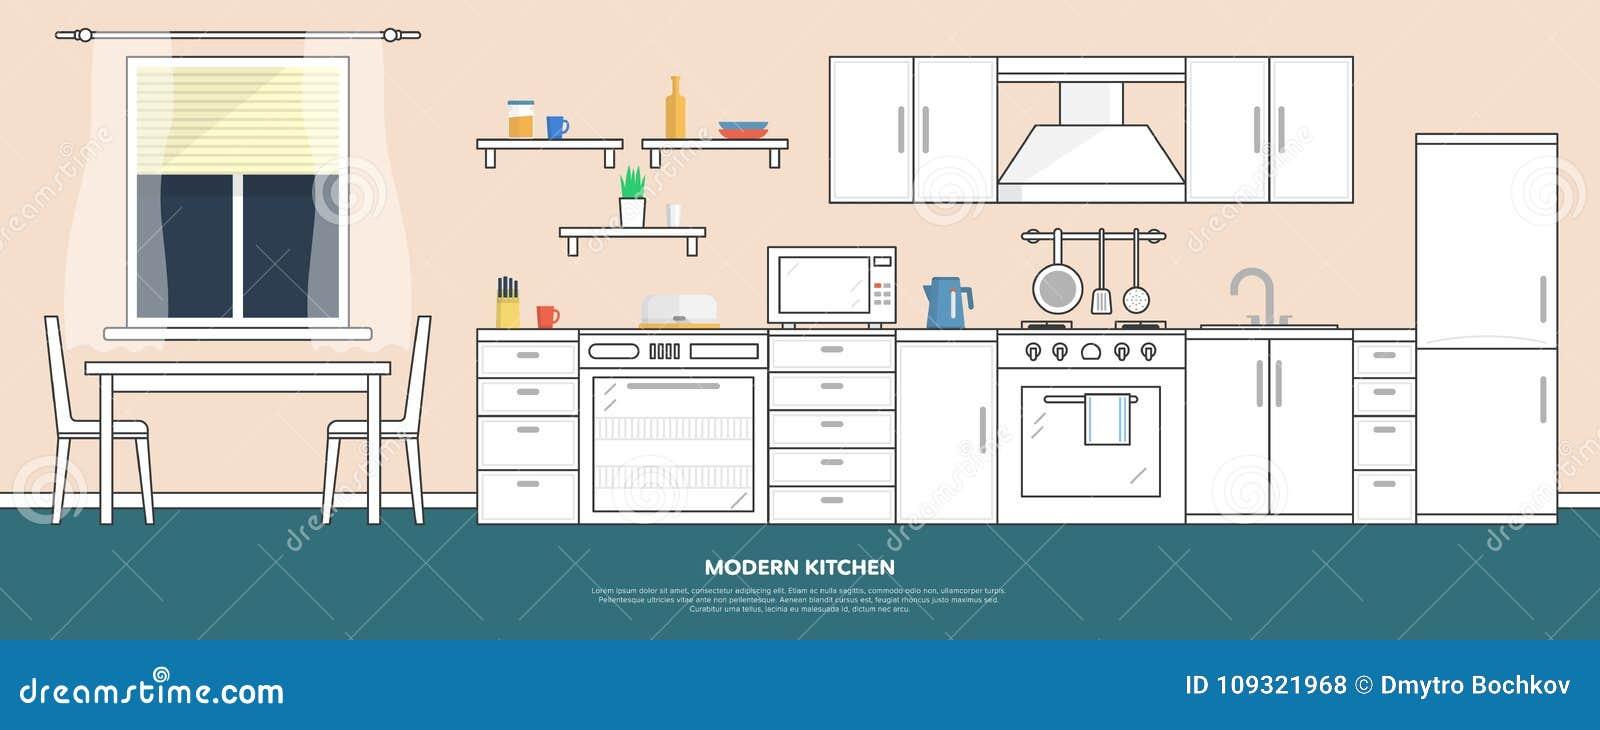 Κουζίνα με τα έπιπλα Εσωτερικό κουζινών με τον πίνακα, τη σόμπα, το ντουλάπι, τα πιάτα και το ψυγείο Επίπεδη διανυσματική απεικόν